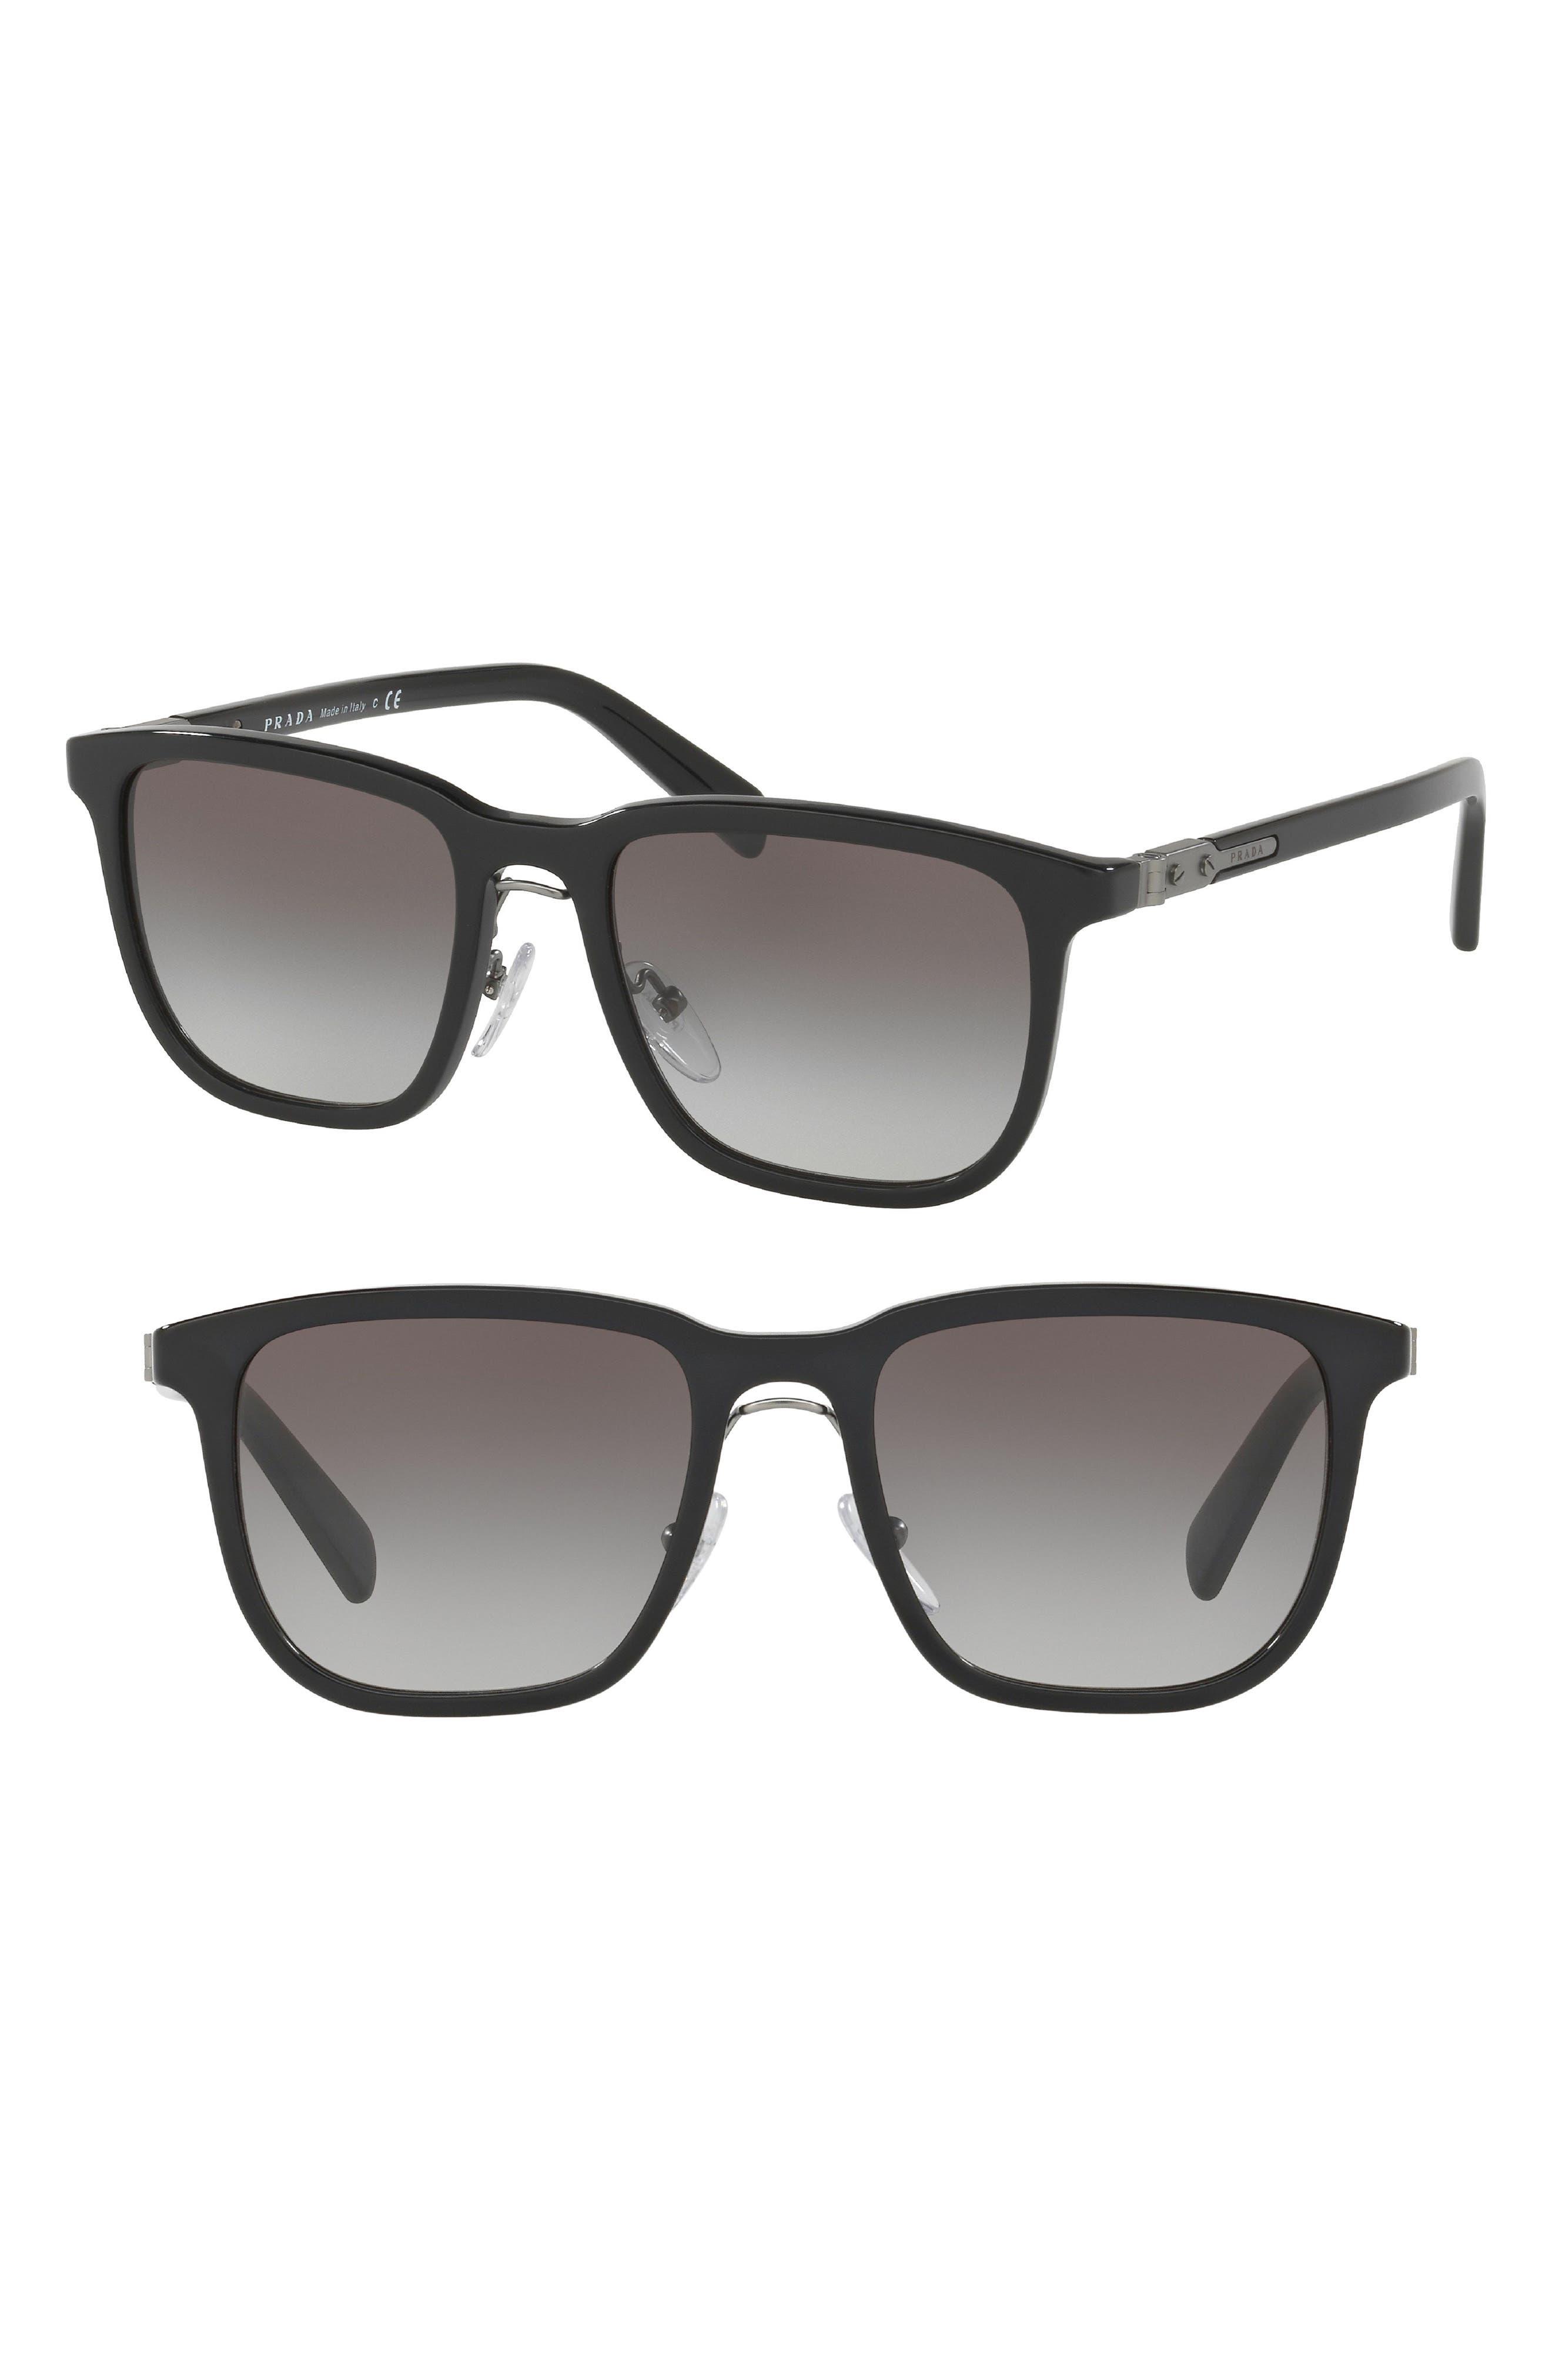 Prada 52mm Gradient Square Sunglasses